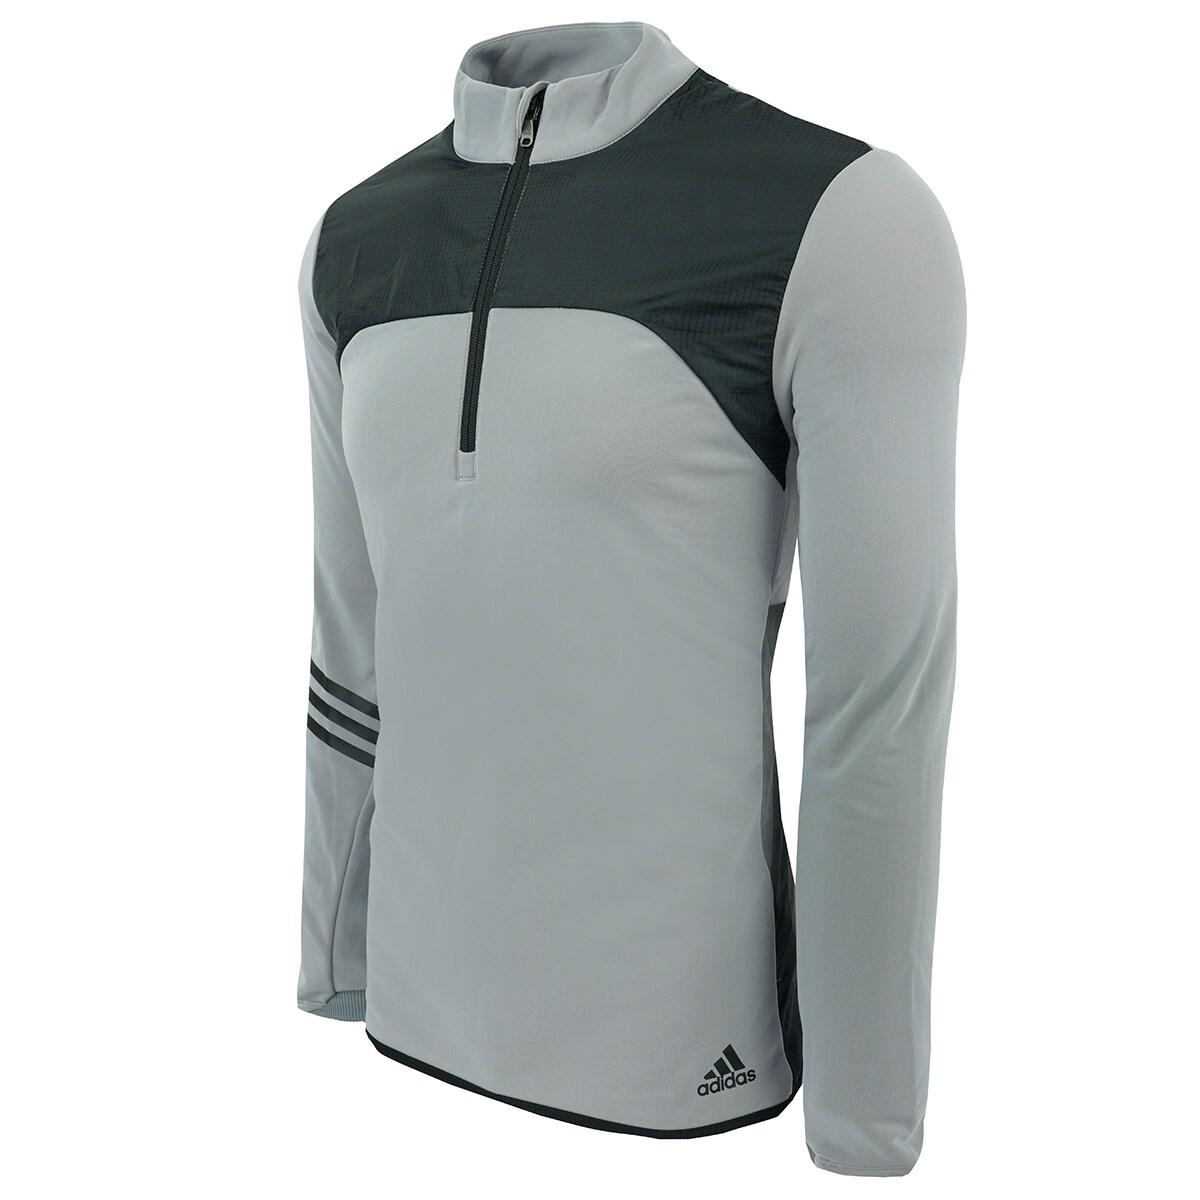 adidas 1/4 zip shirt